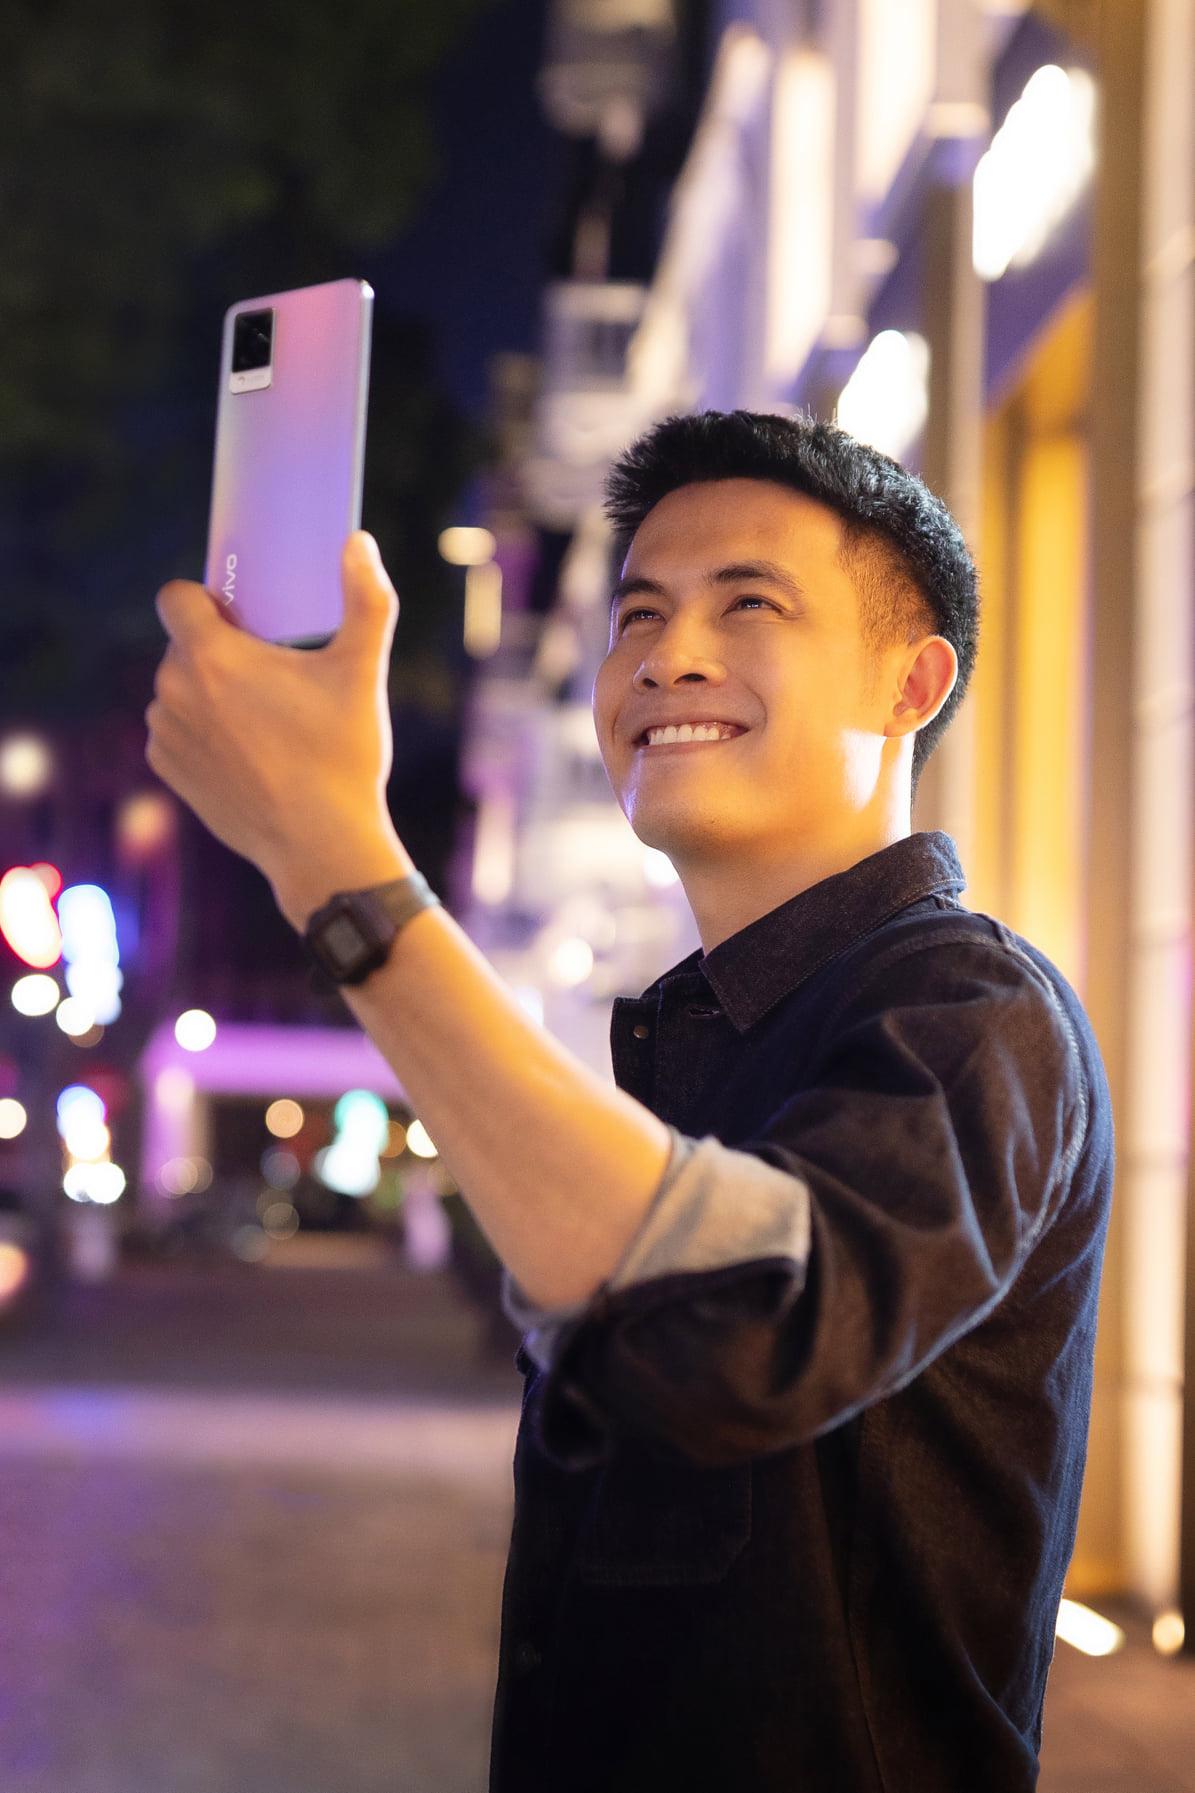 """Mặc trời tối thui, các YouTuber nổi tiếng Giang Ơi, Chan La Cà… vẫn chụp hình cực xịn nhờ """"siêu phẩm selfie"""" này - Ảnh 3."""